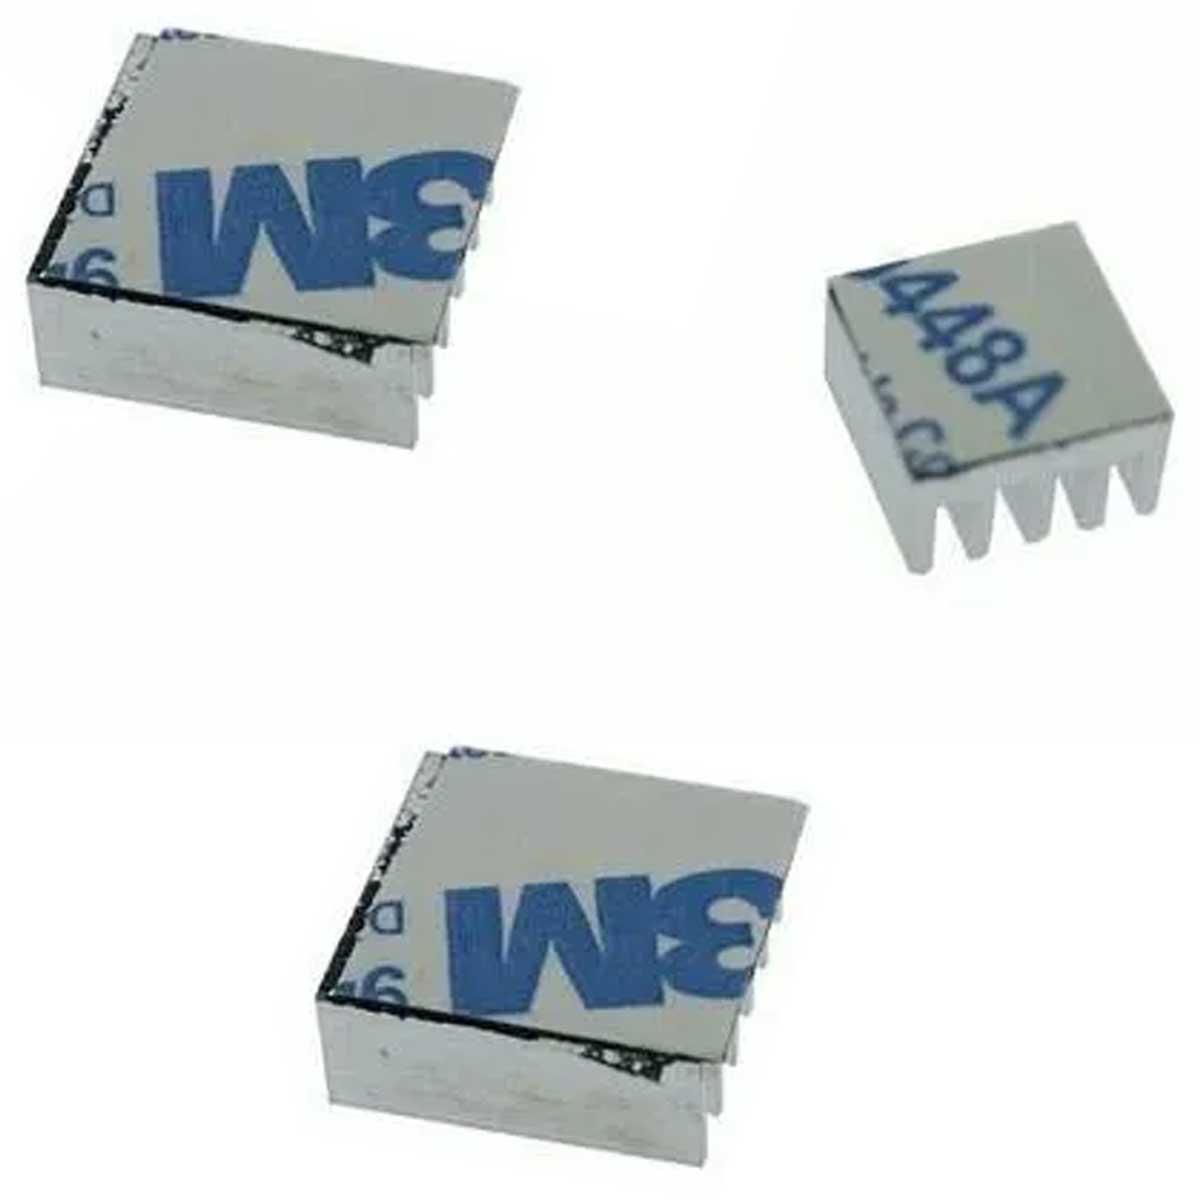 1x Mini Cooler 30 x 30 x 7mm 5v + 3 Dissipadores para Raspberry Pi 3